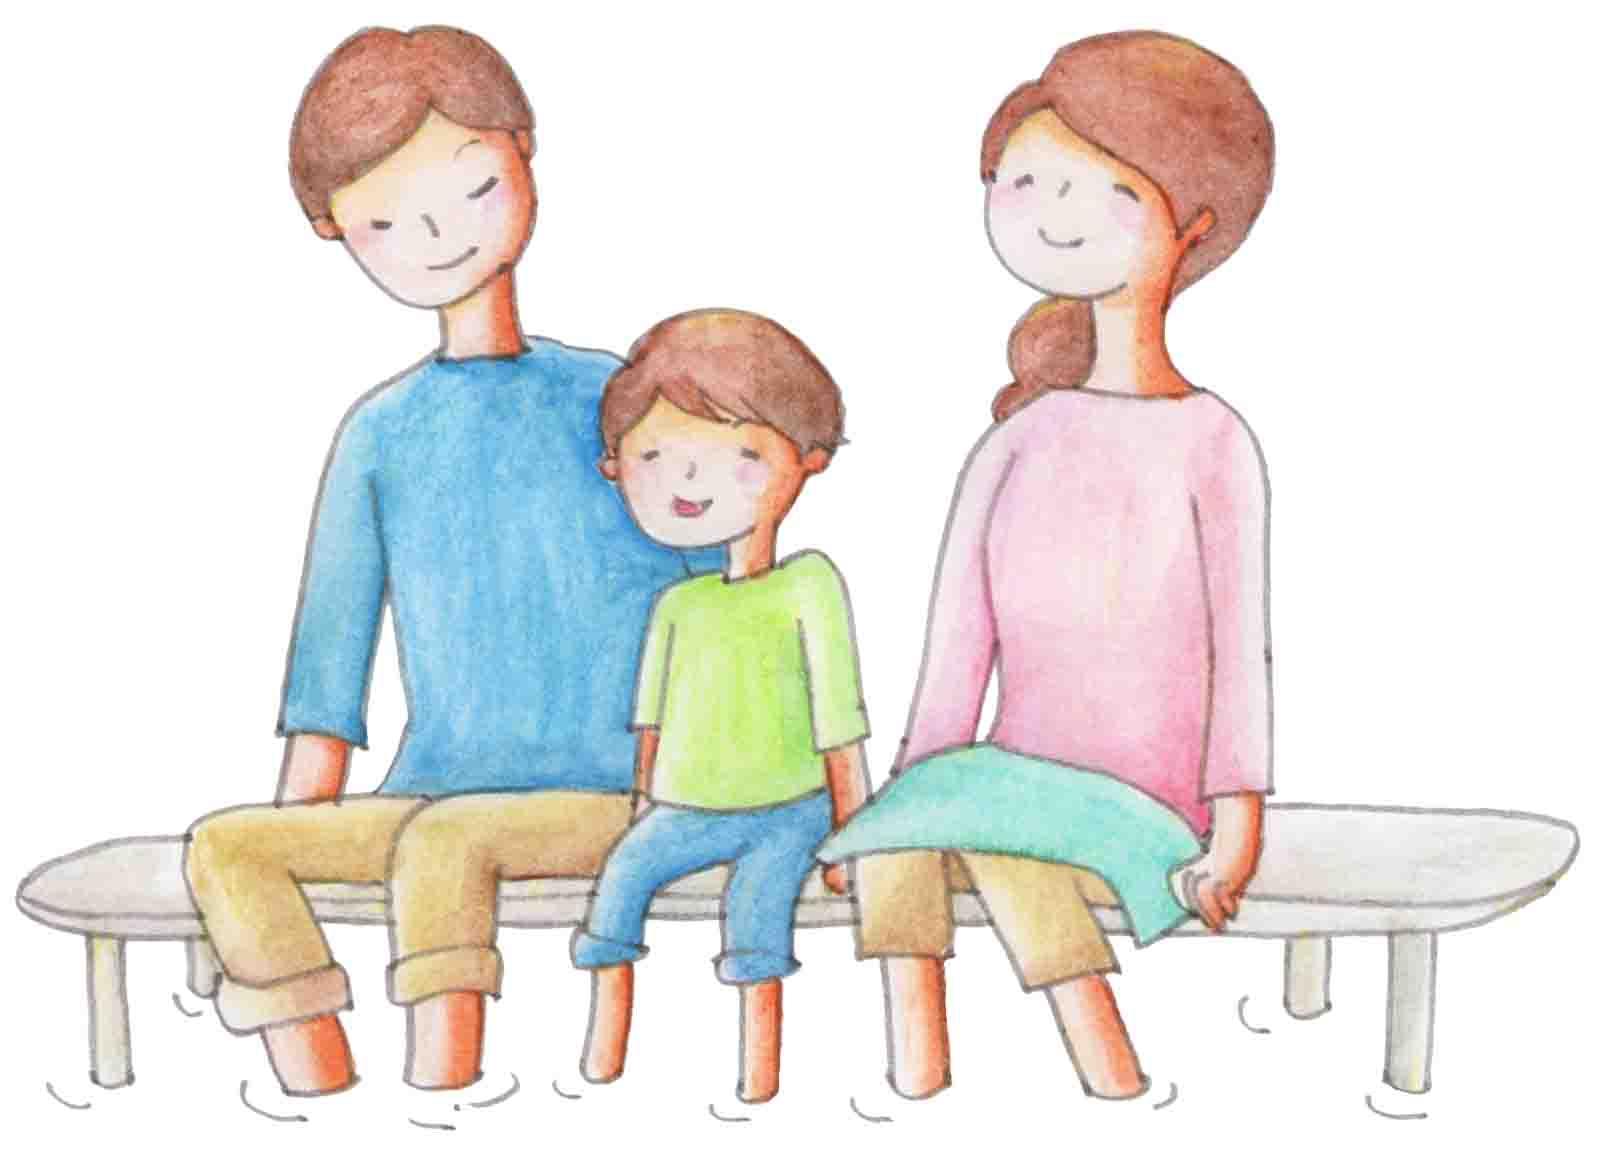 子供の価値観が旦那と違うときの対処方法は?諦めるではなく・・